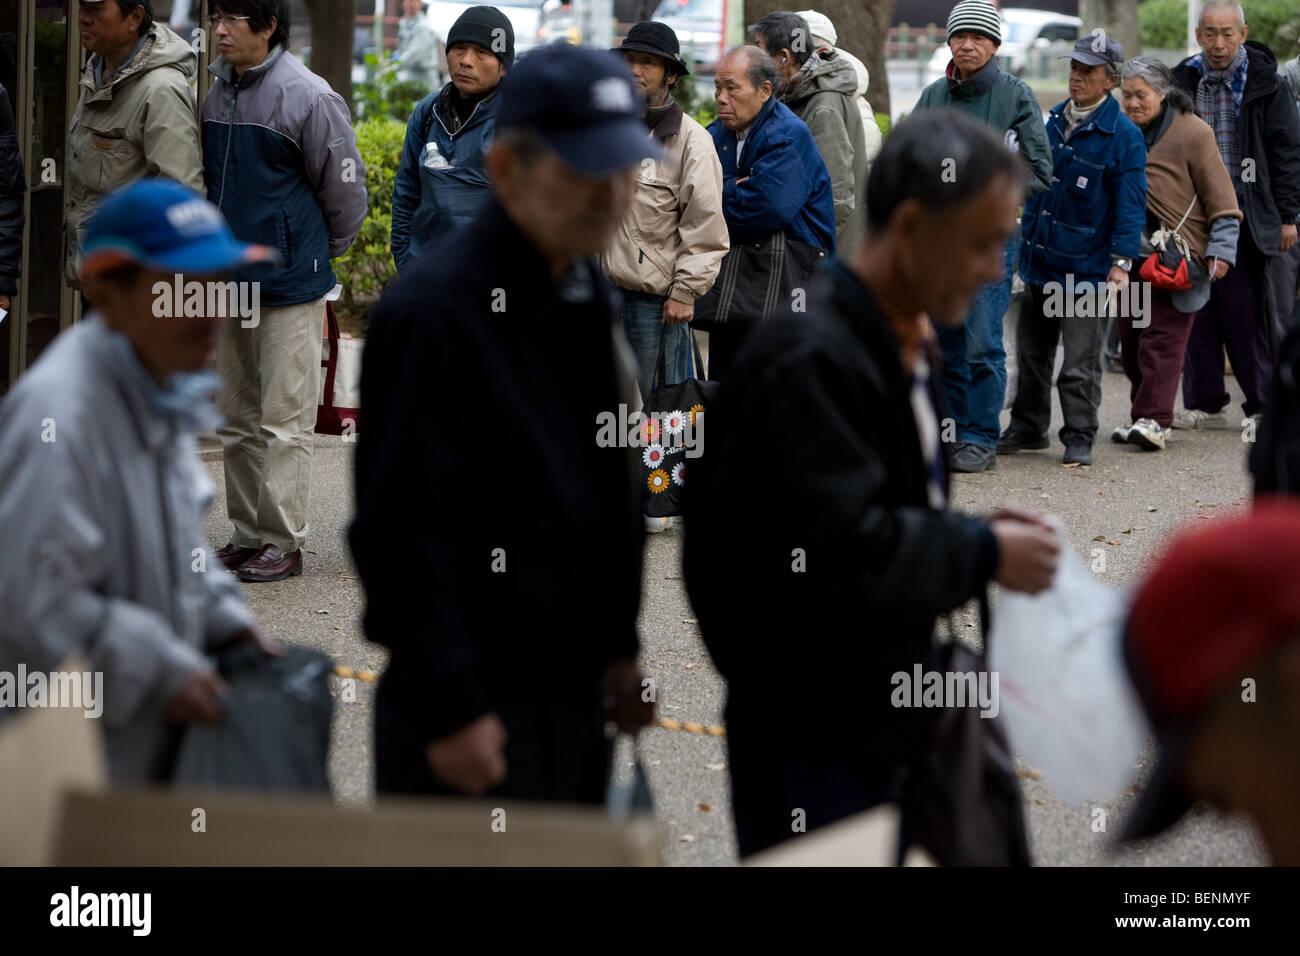 Suppenkueche Stockfotos & Suppenkueche Bilder - Alamy